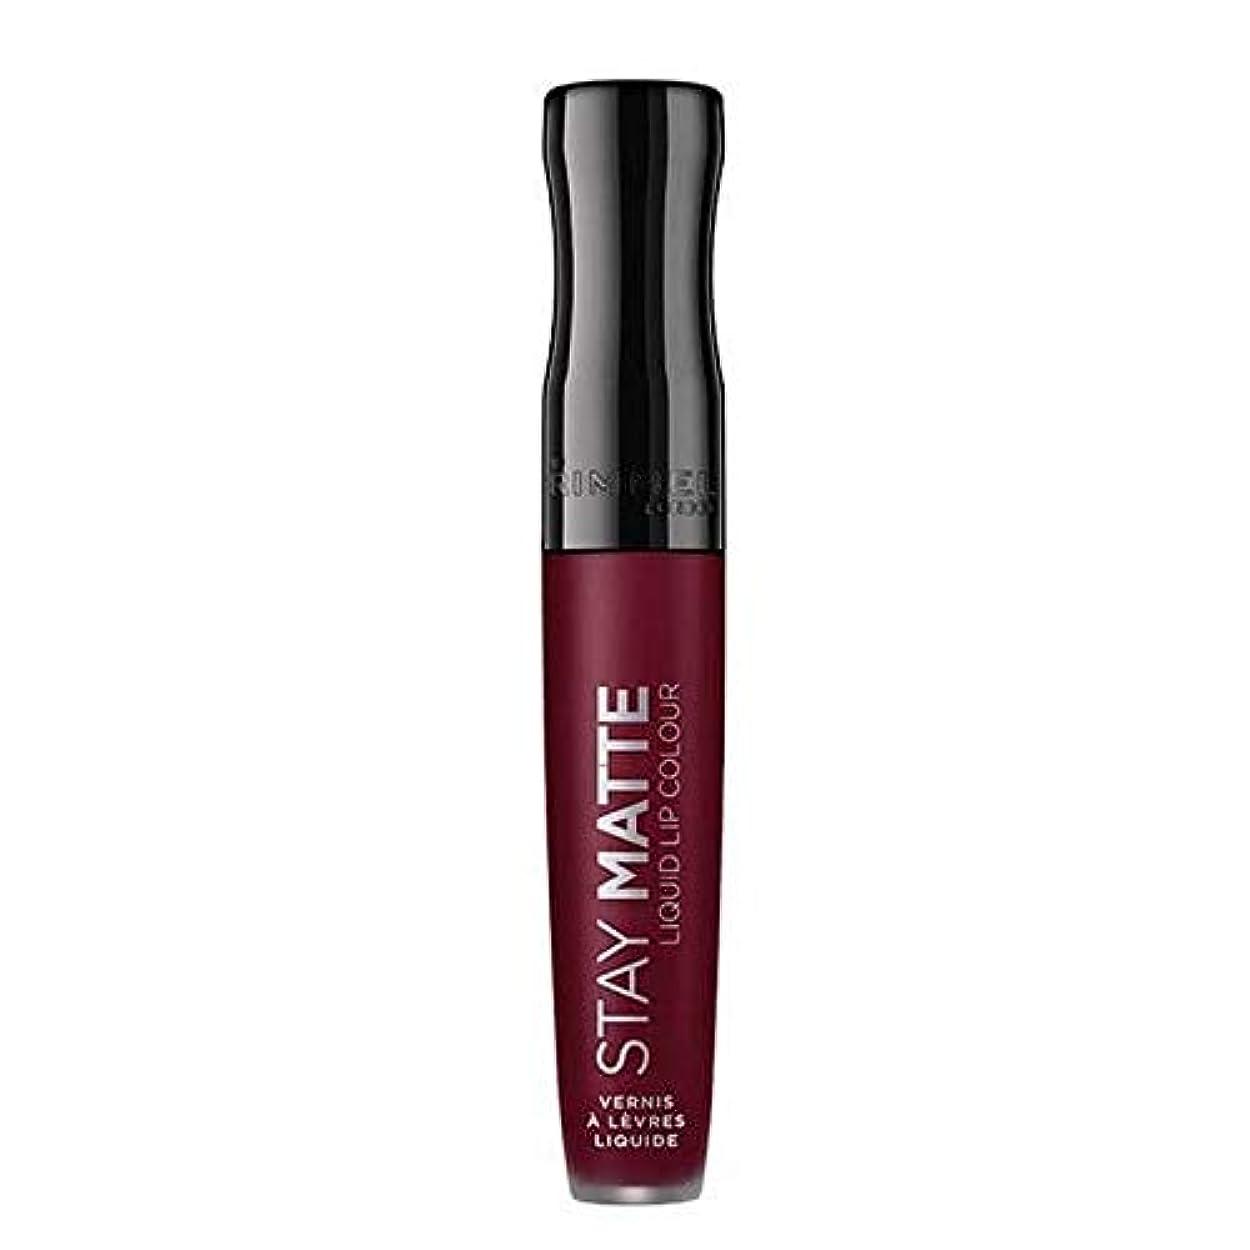 注ぎます貫通期限[Rimmel ] リンメルステイマット液状口紅梅このショー810 - Rimmel Stay Matte Liquid Lipstick Plum This Show 810 [並行輸入品]